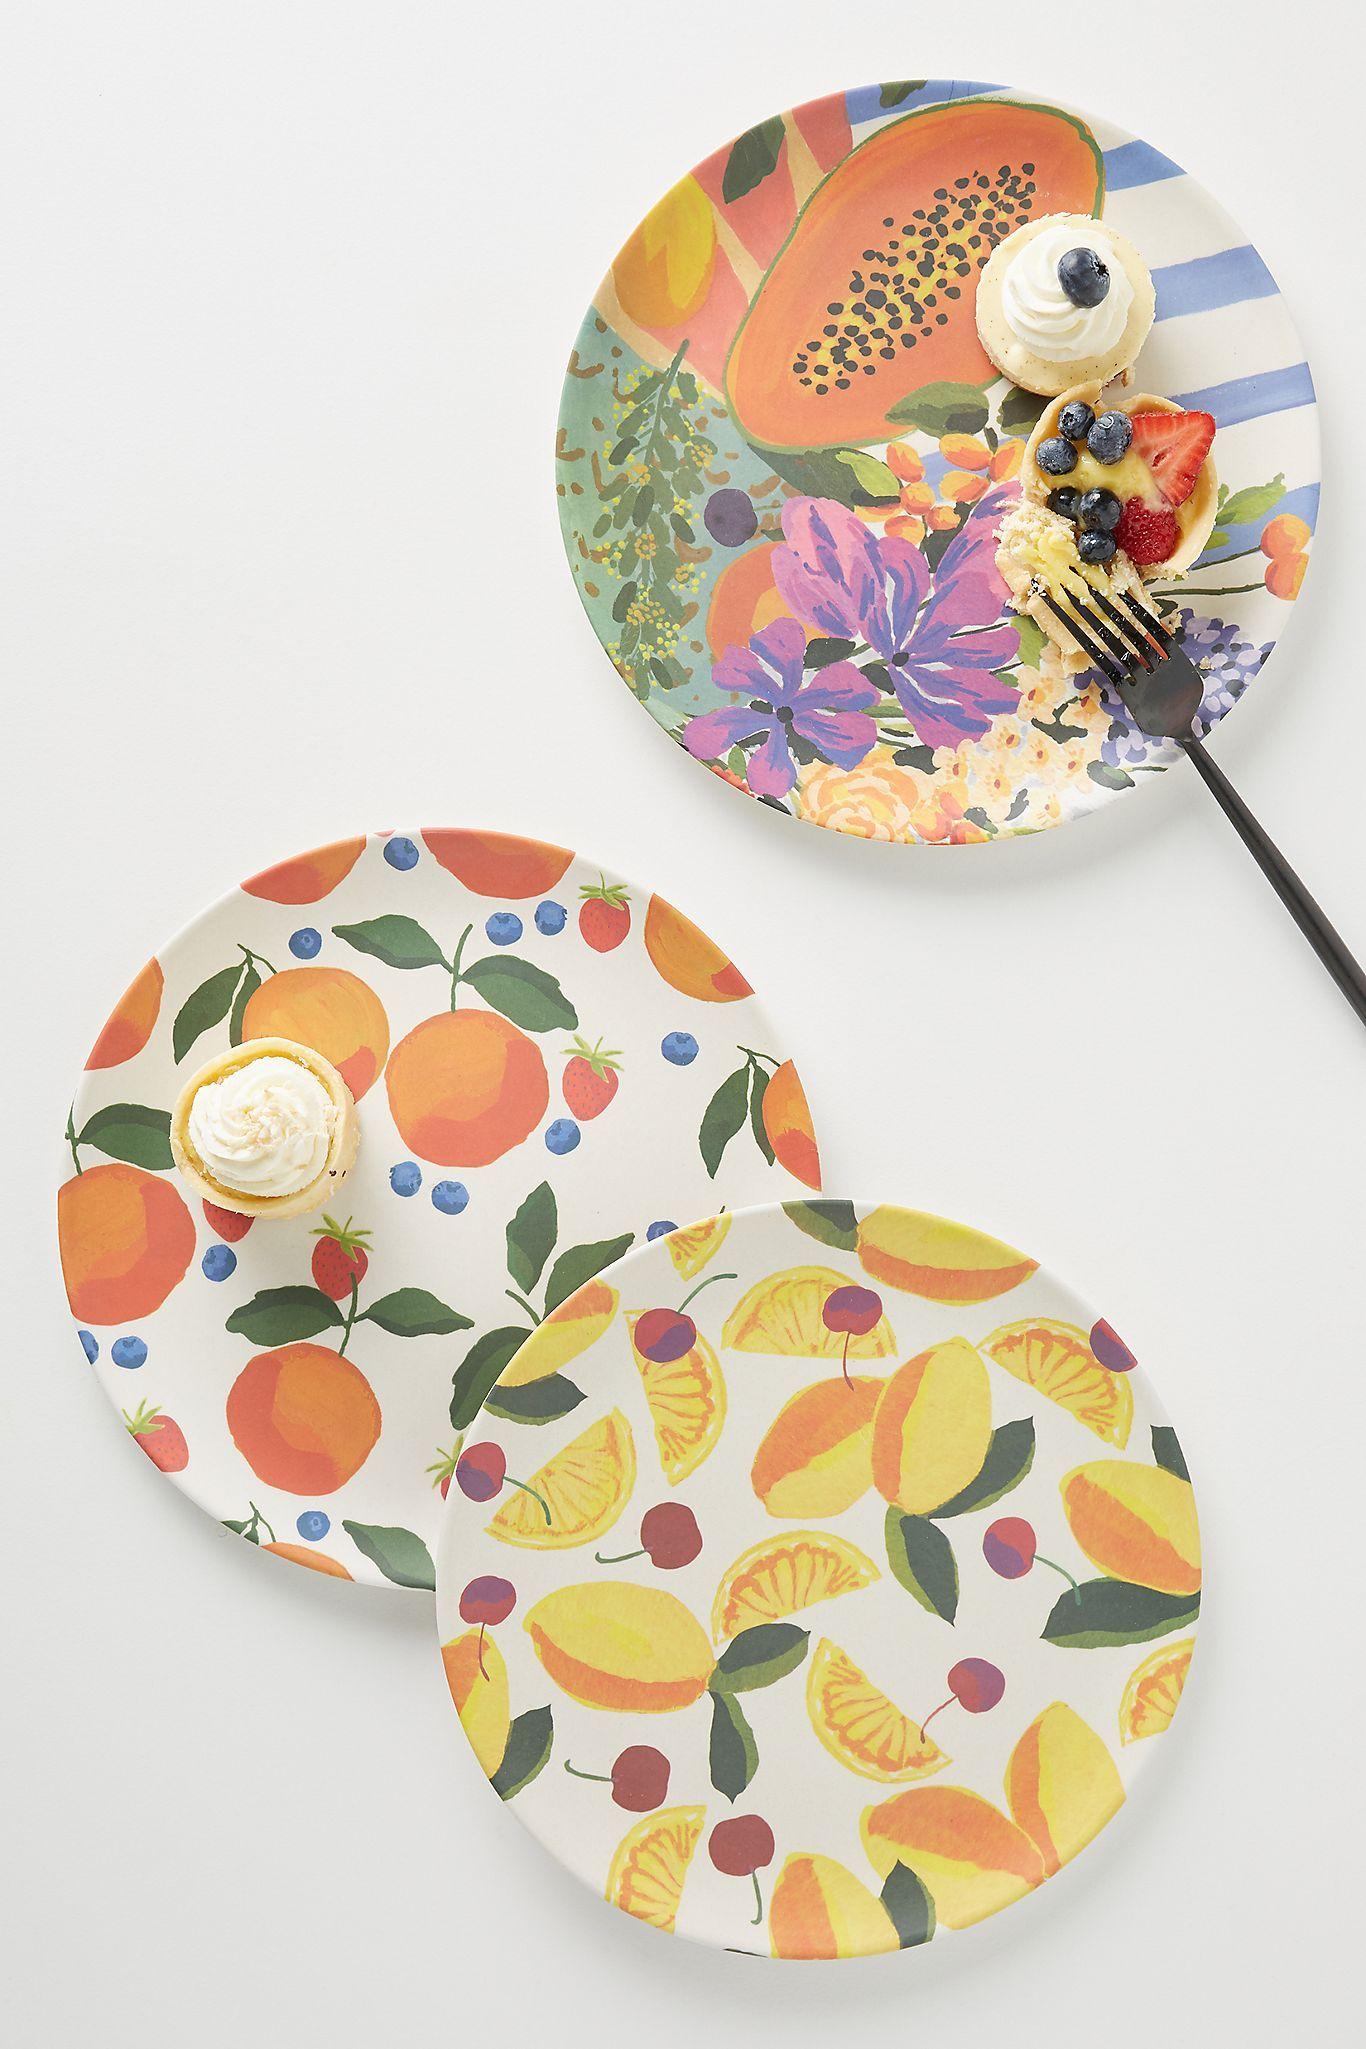 Market Bamboo Melamine Dinner Plate In 2020 Melamine Dinner Plates Colorful Plate Dinner Plates